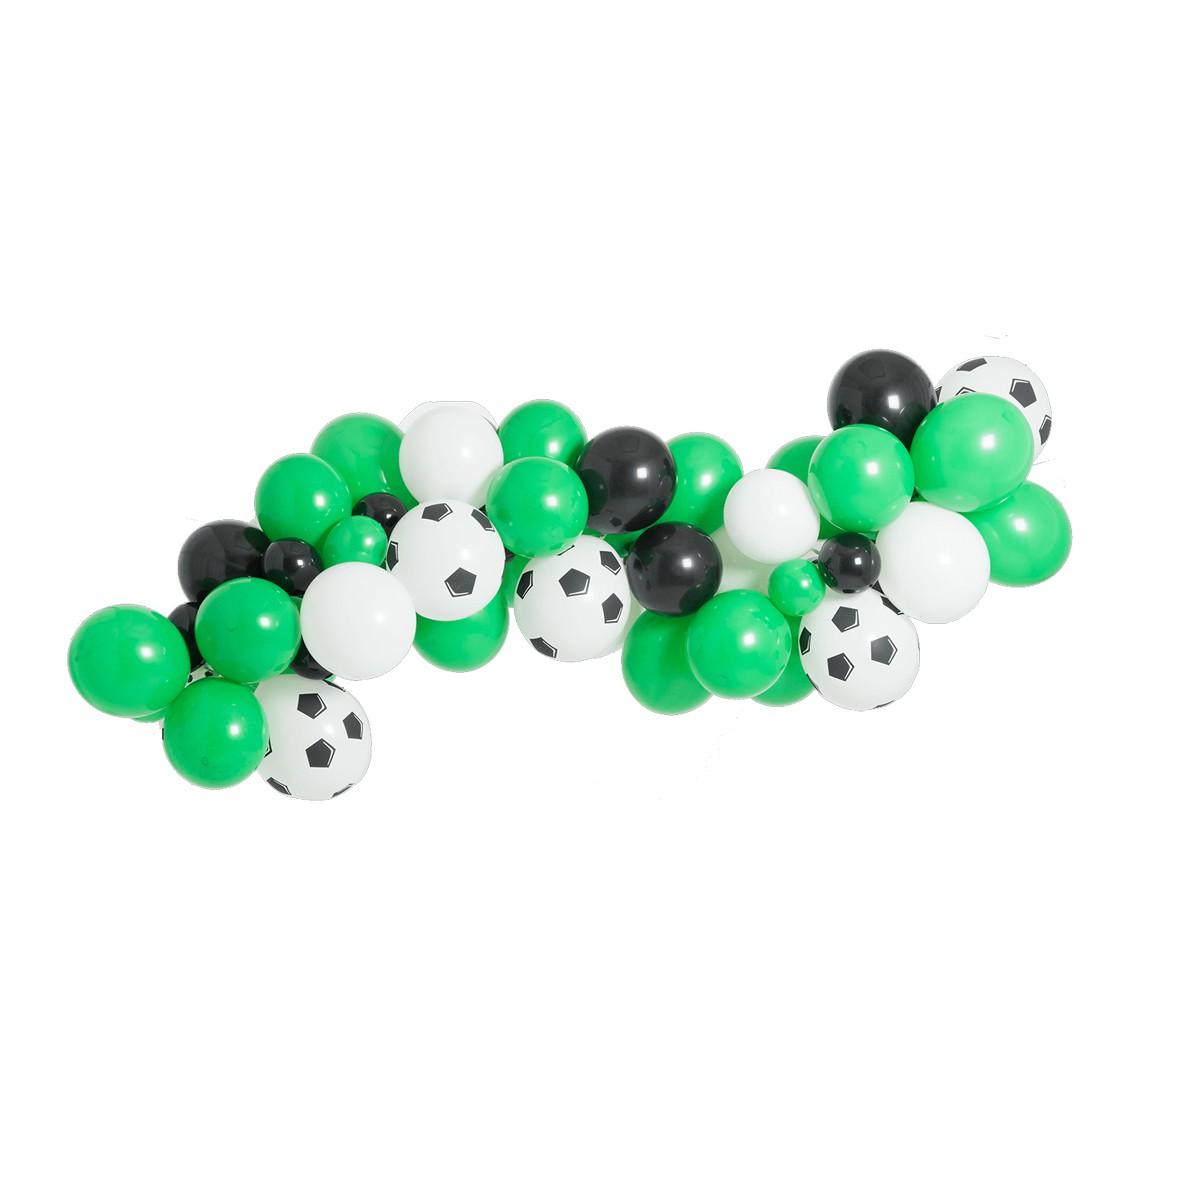 Kit Balões Arco Desconstruído Futebol Orgânico + Tira